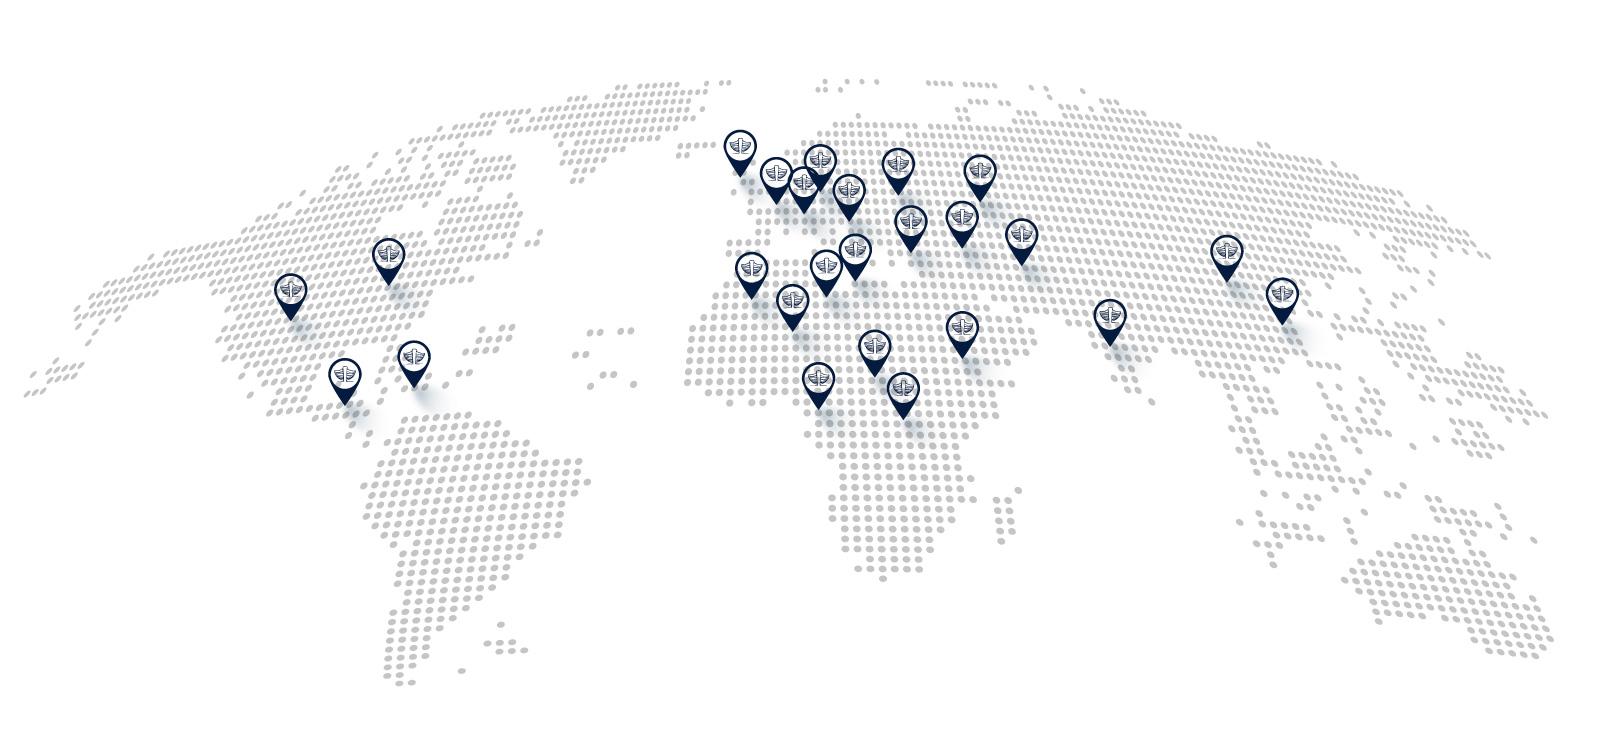 Agenzia funebre Gatti - Operiamo a livello internazionale